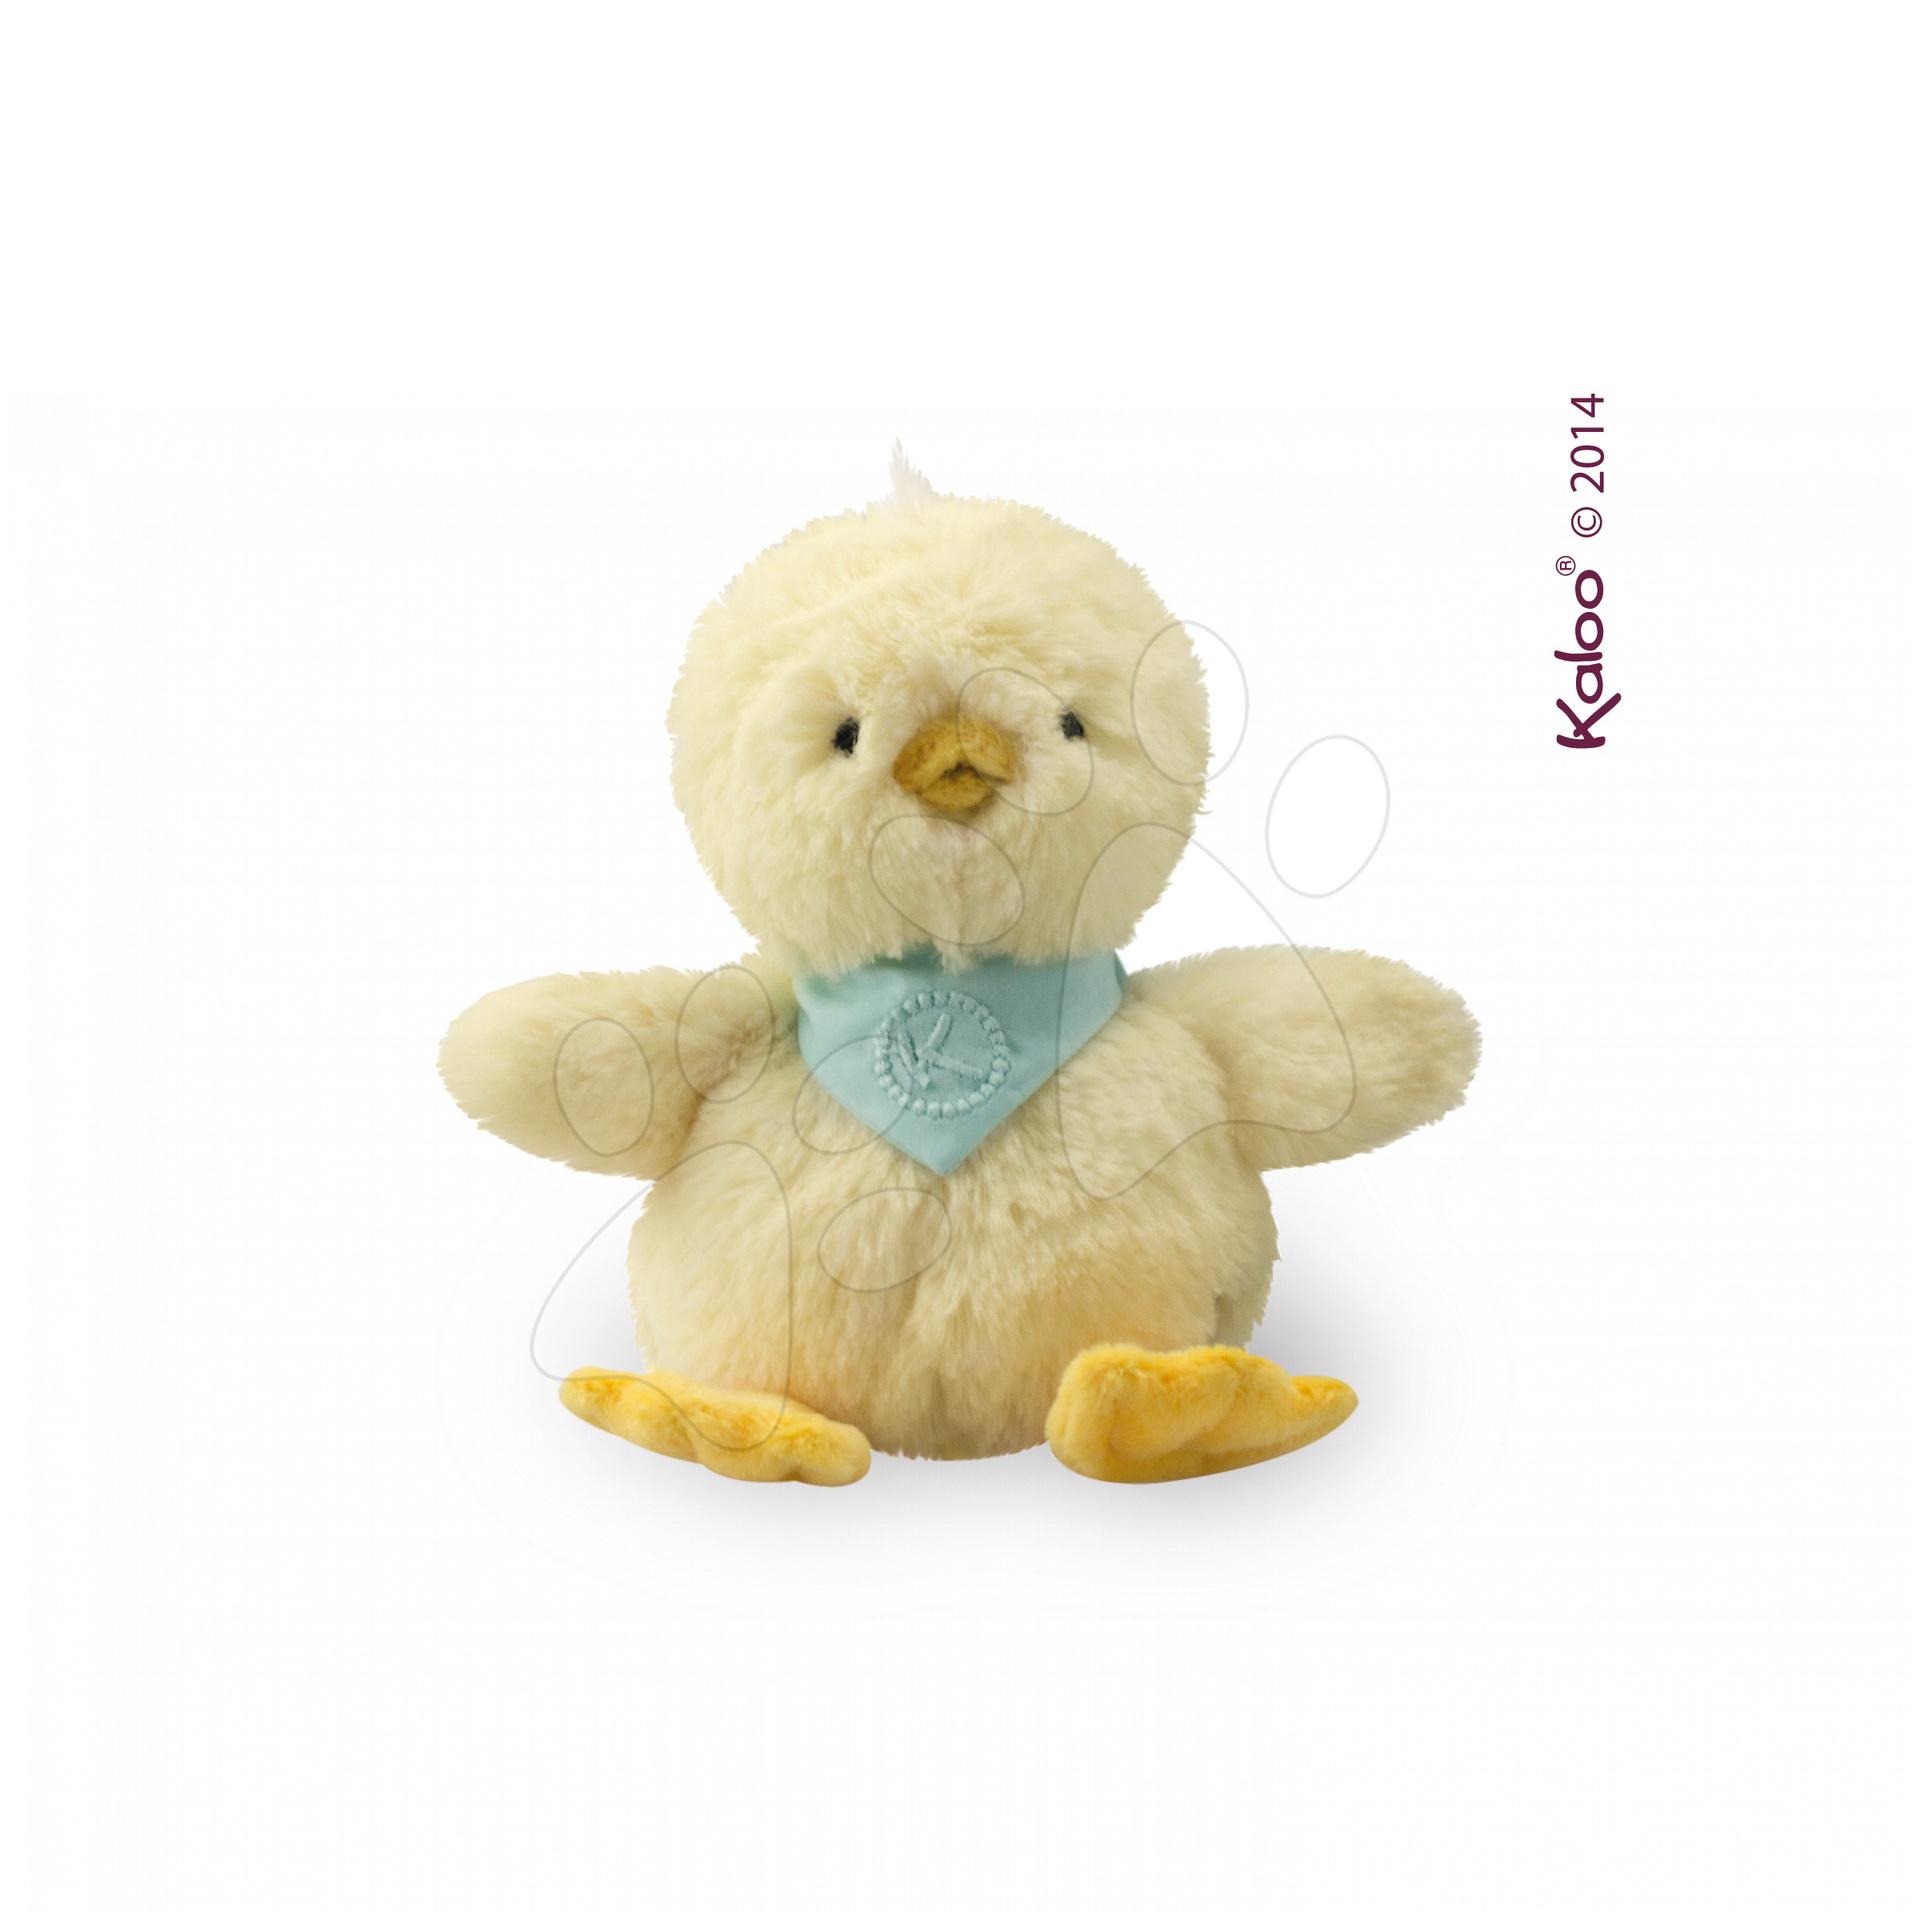 Plyšové zvieratká - Plyšové kuriatko Lemon Les Amis–Poussin Kaloo 12 cm v darčekovom balení pre najmenších